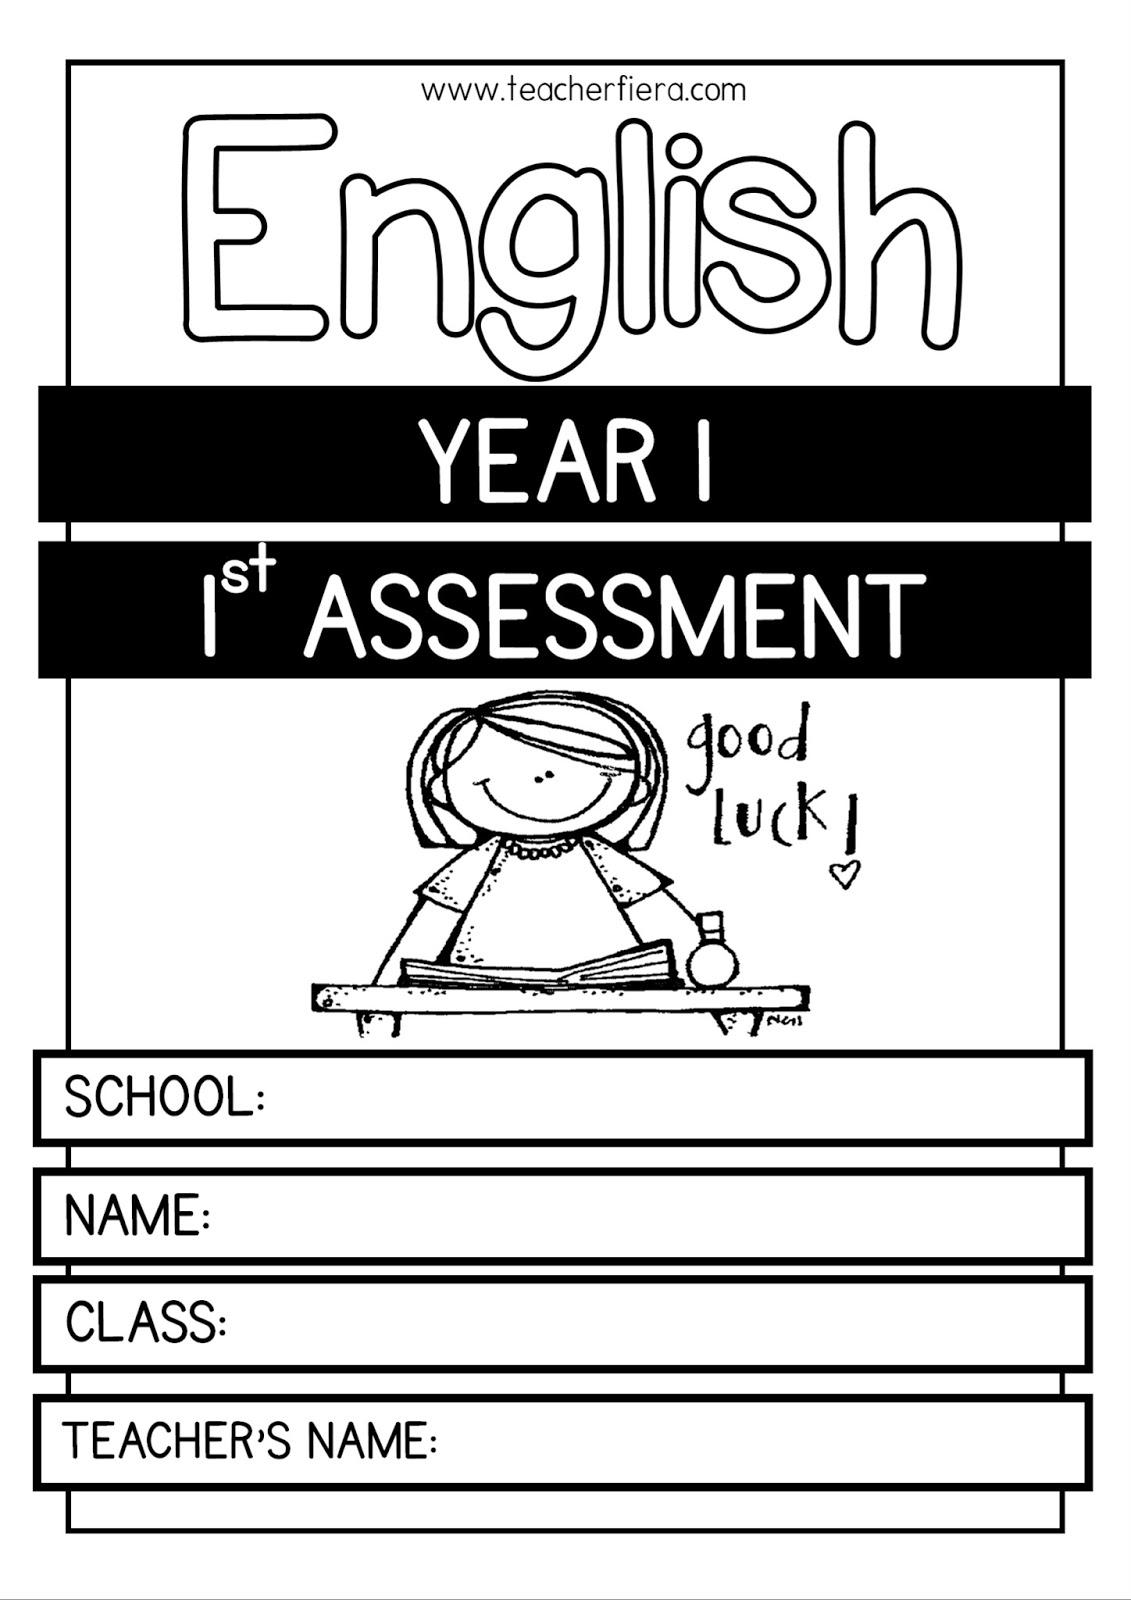 Teacherfiera Year 1 1st English Assessment